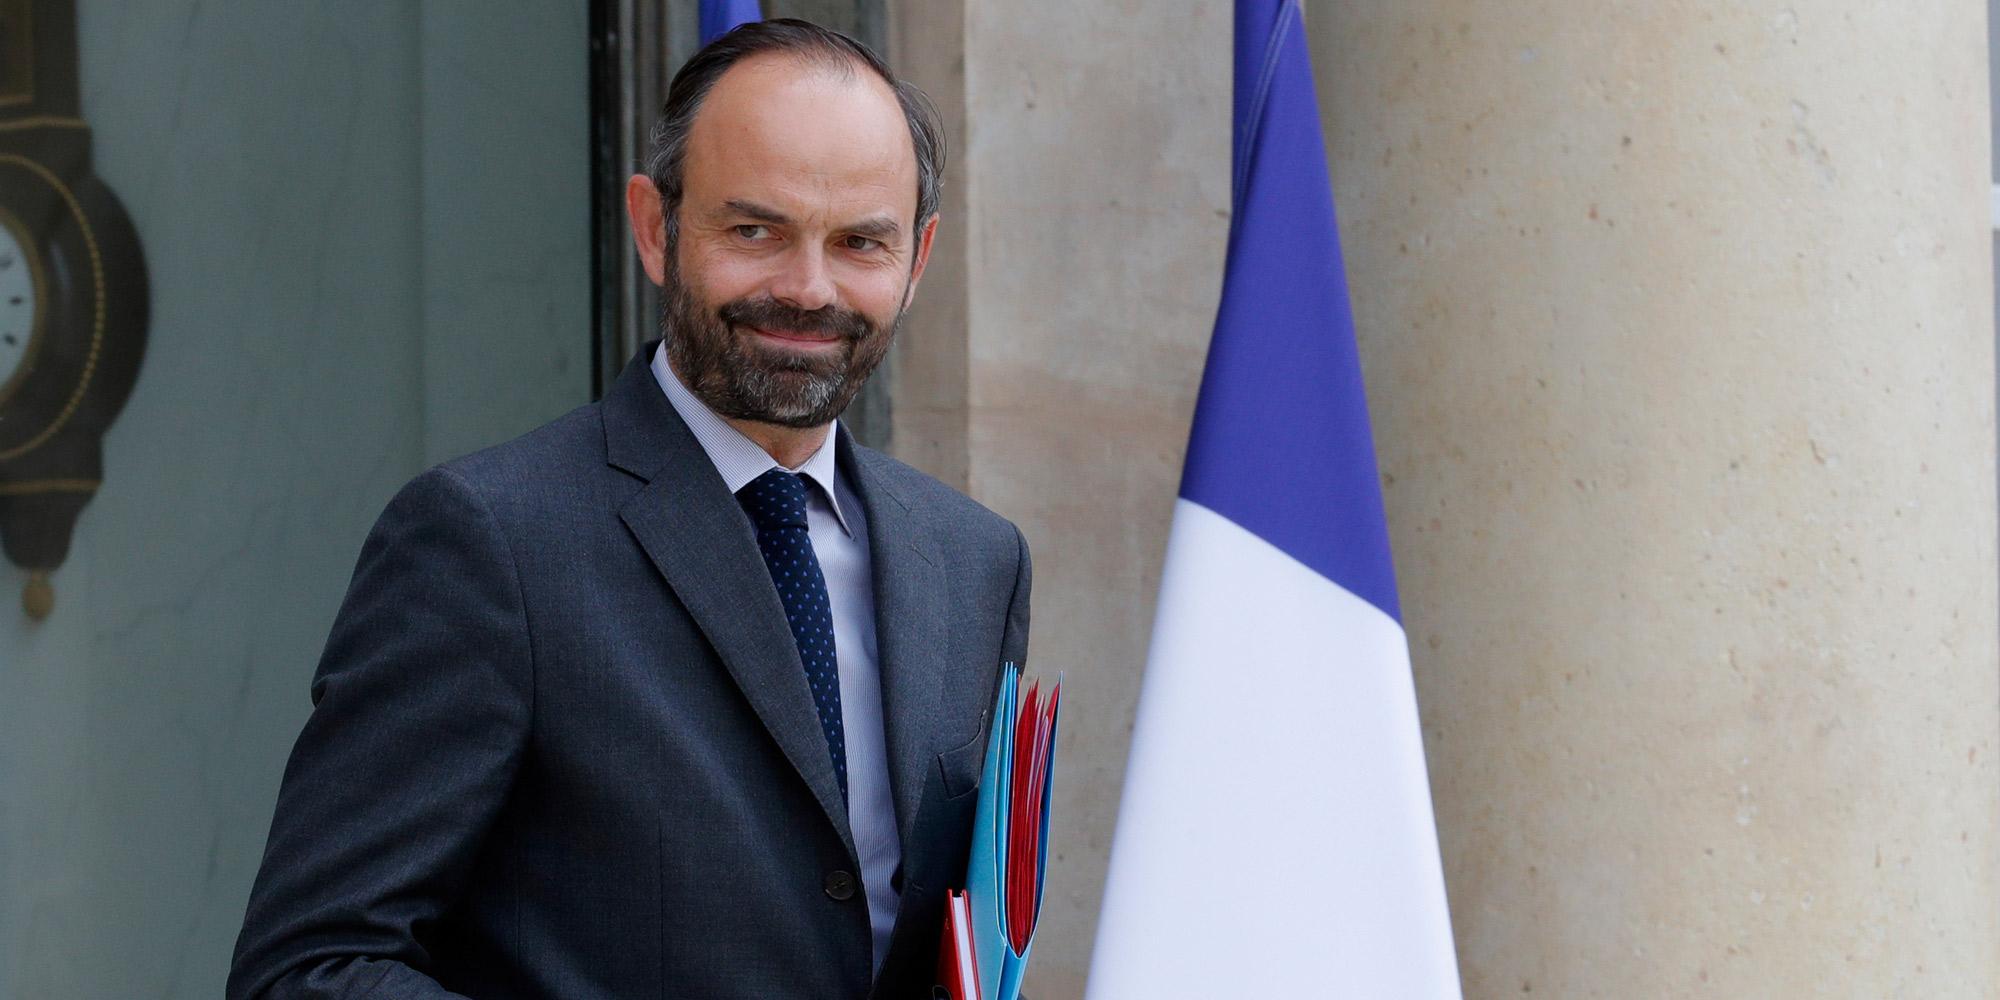 Le Premier ministre sous la présidence d'Emmanuel Macron image